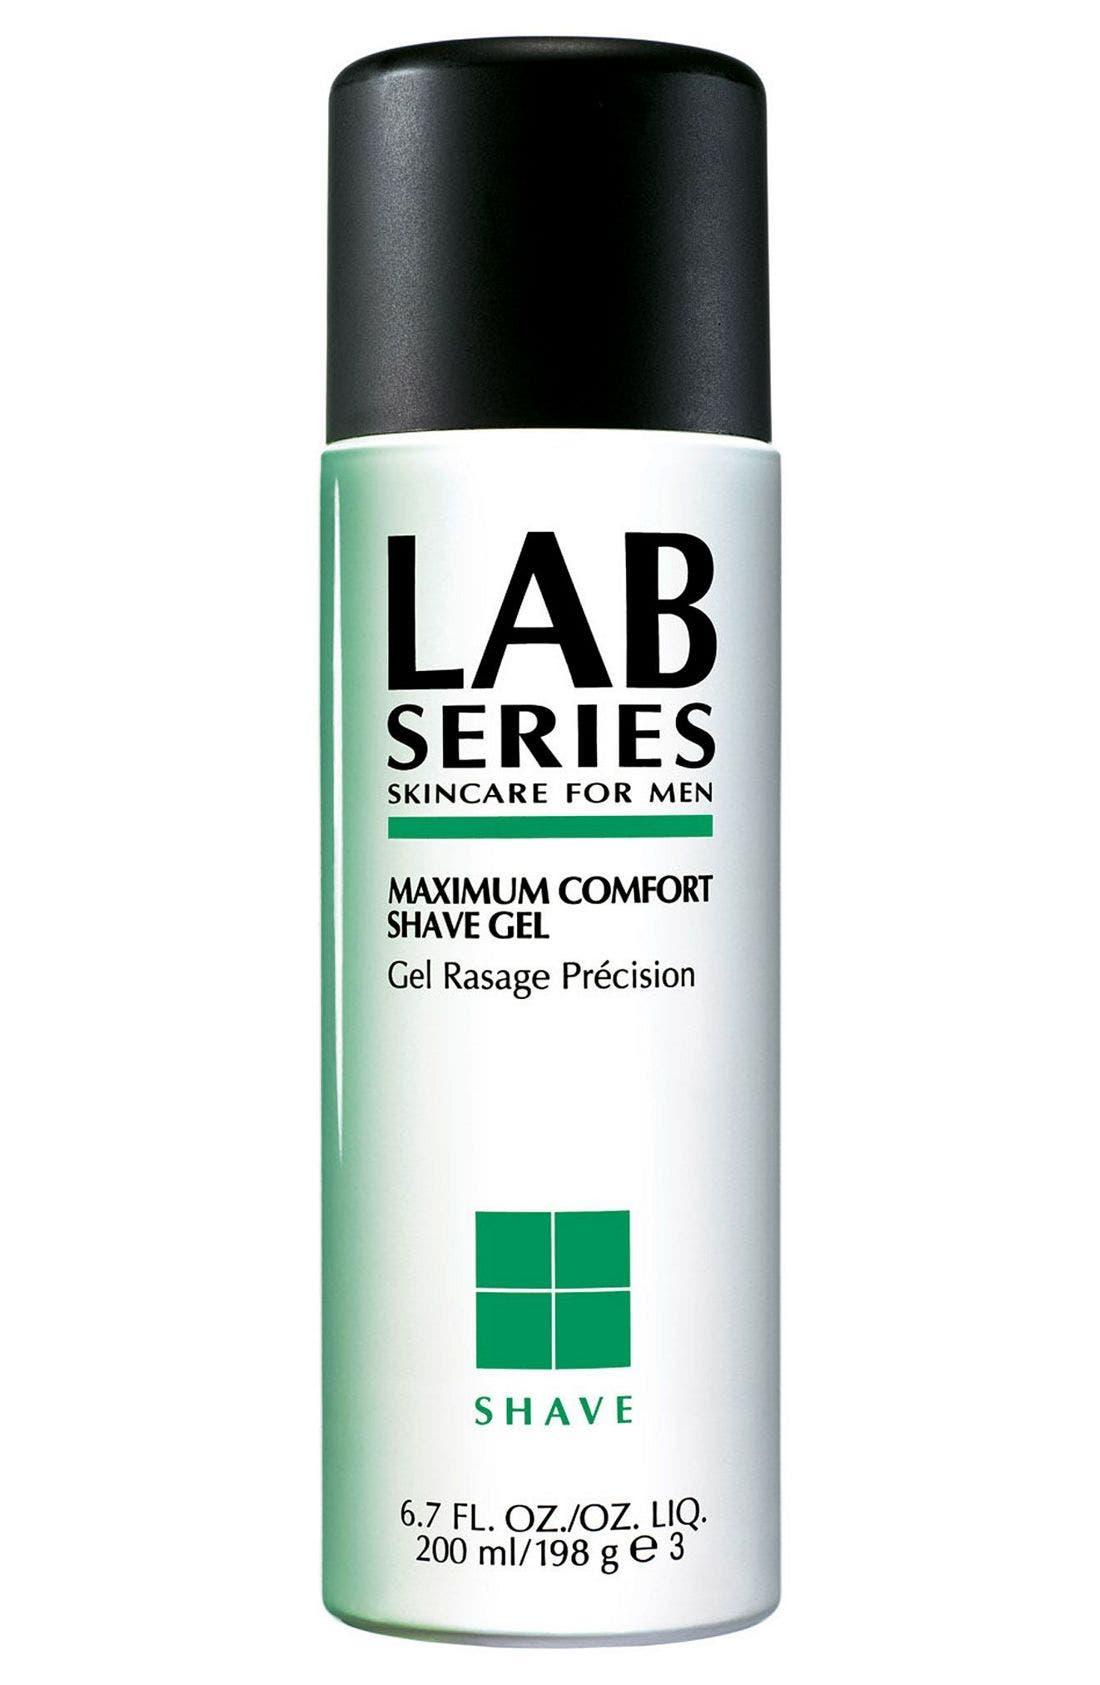 Lab Series Skincare for Men Maximum Comfort Shave Gel